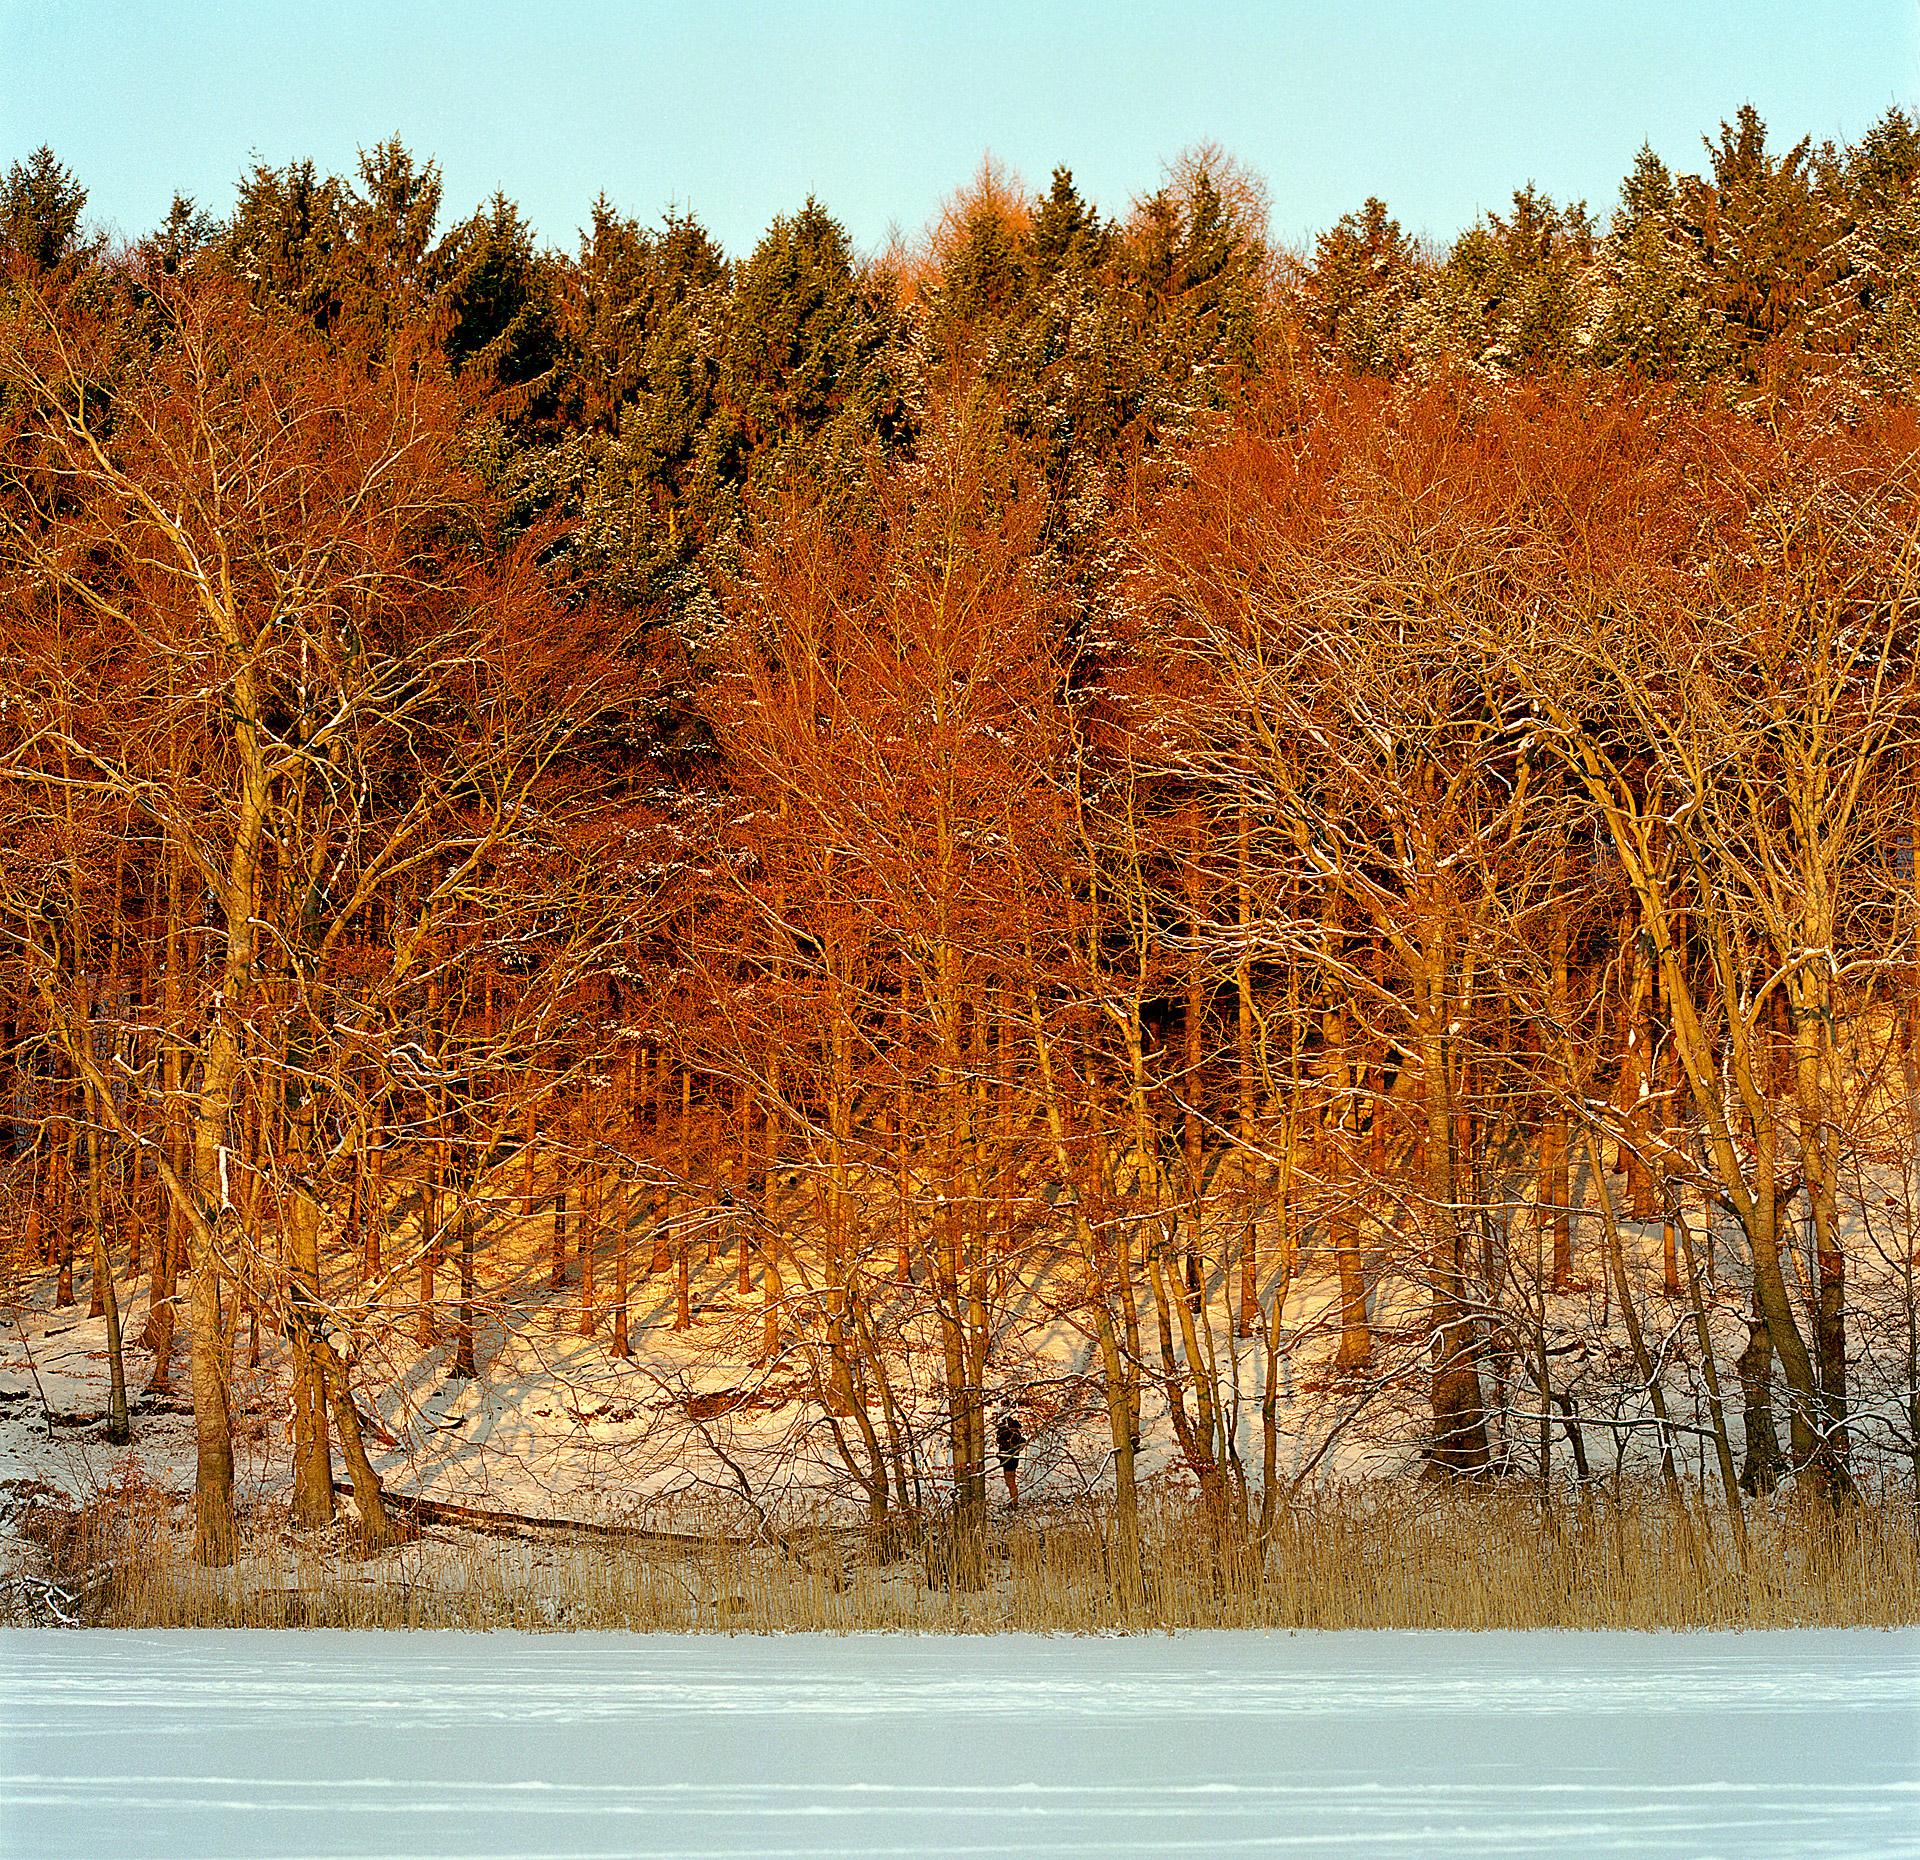 Sunset colors in Winter at Bagsværd Sø and Mølleåen